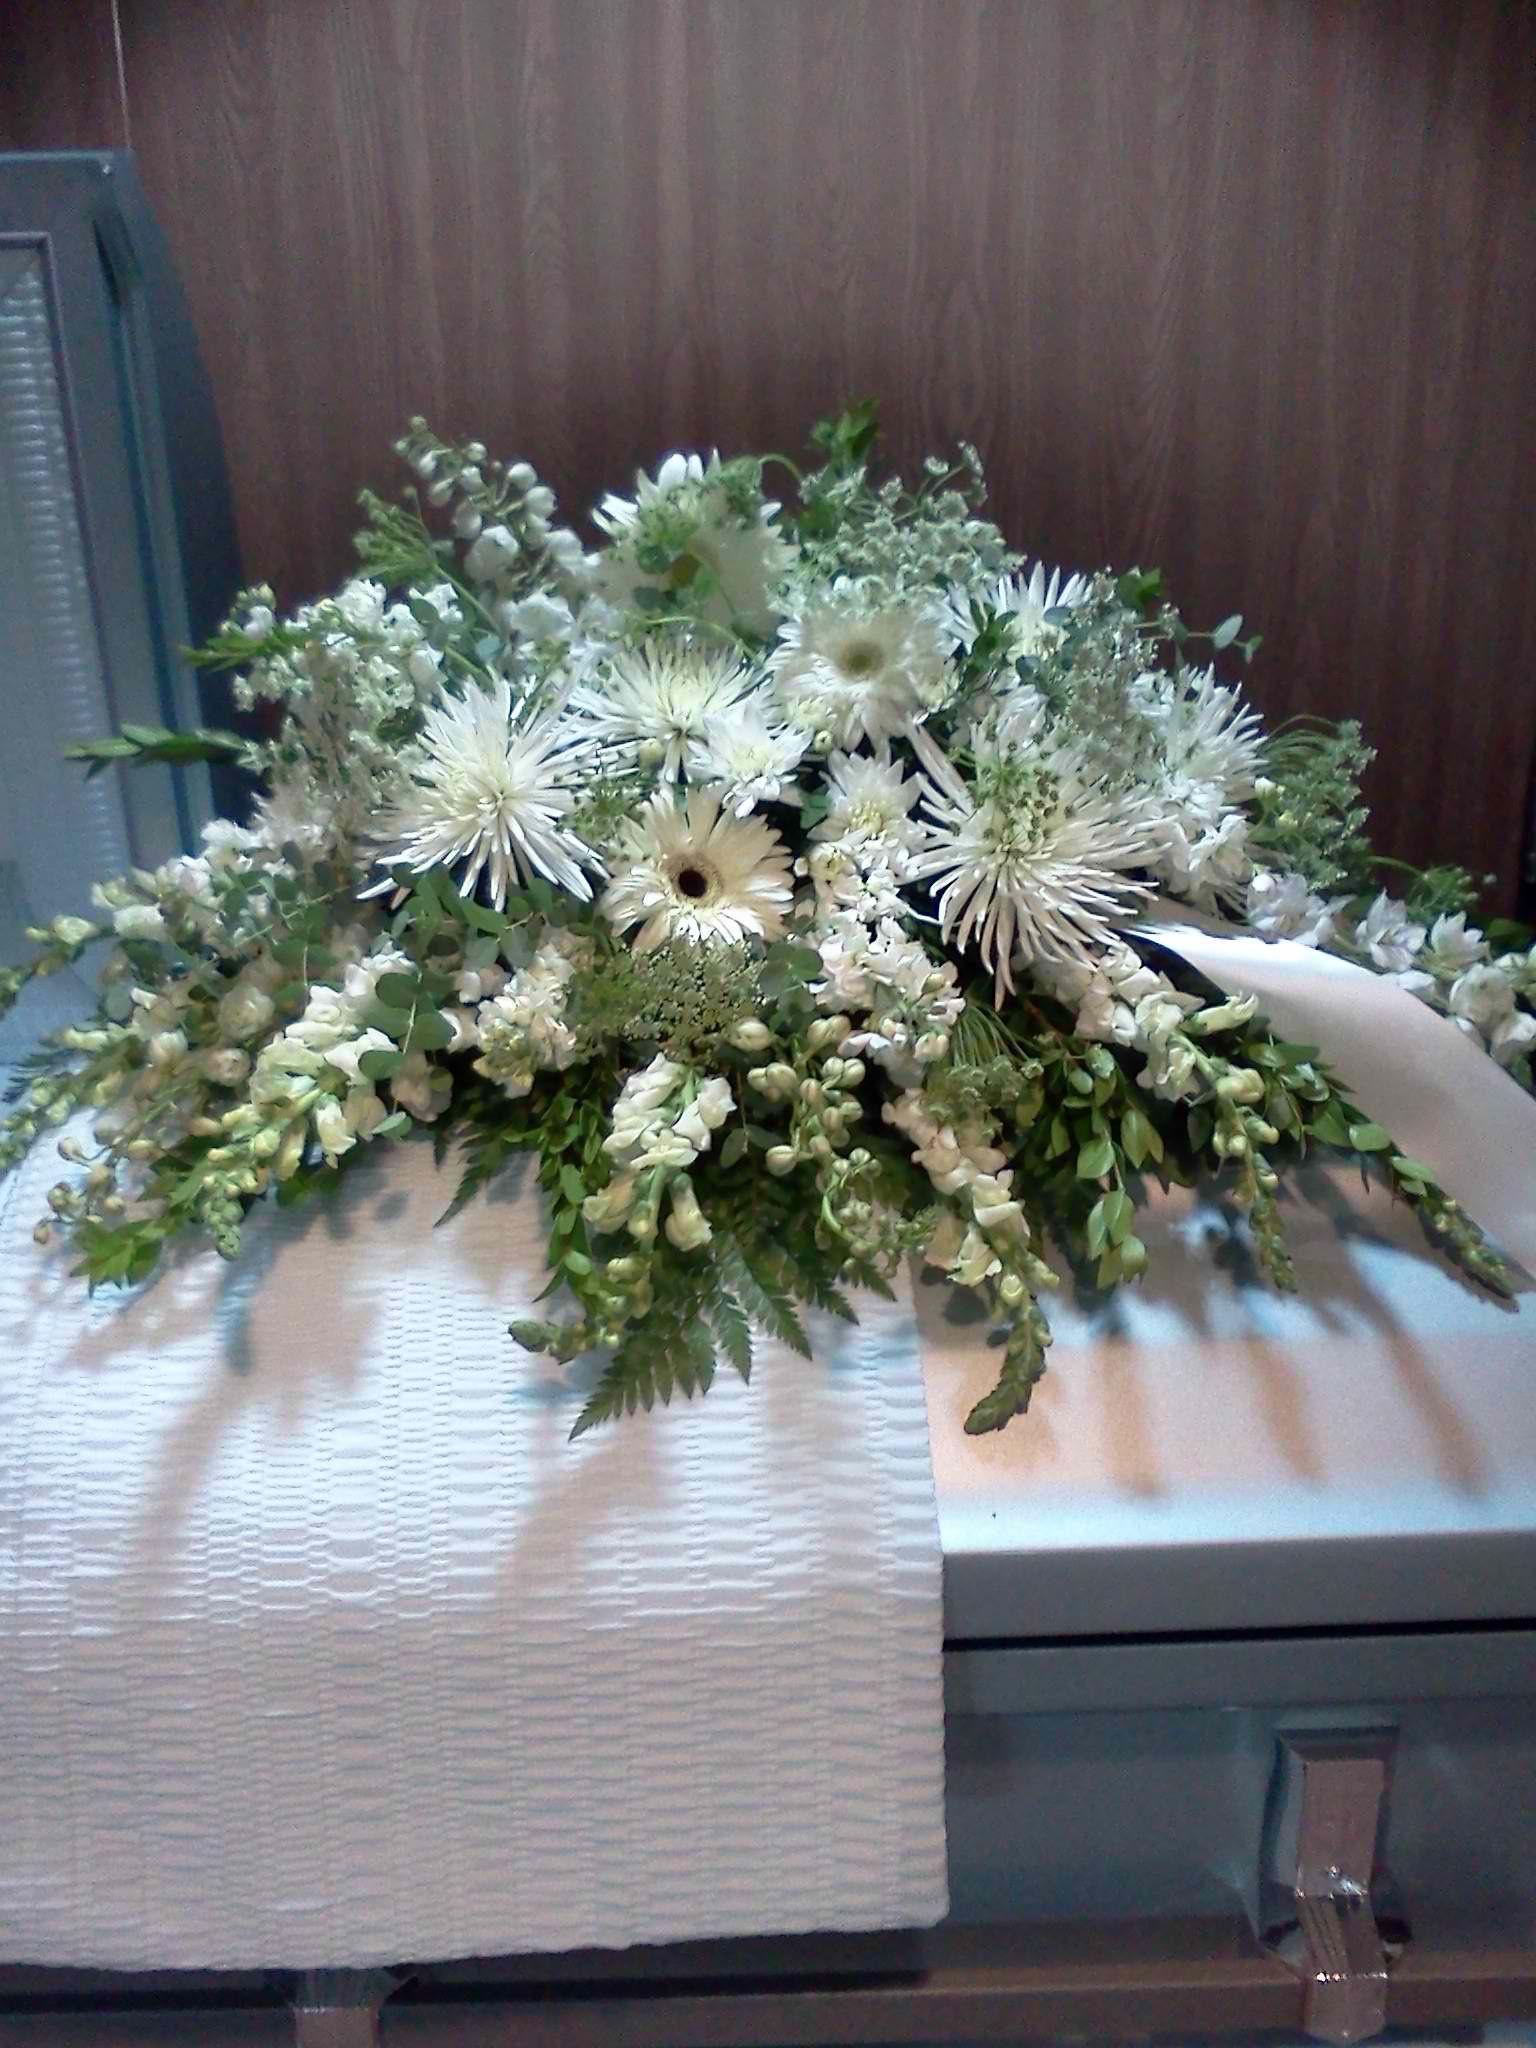 17 Best images about Funeral arrangements on Pinterest ...  |Casket Flowers